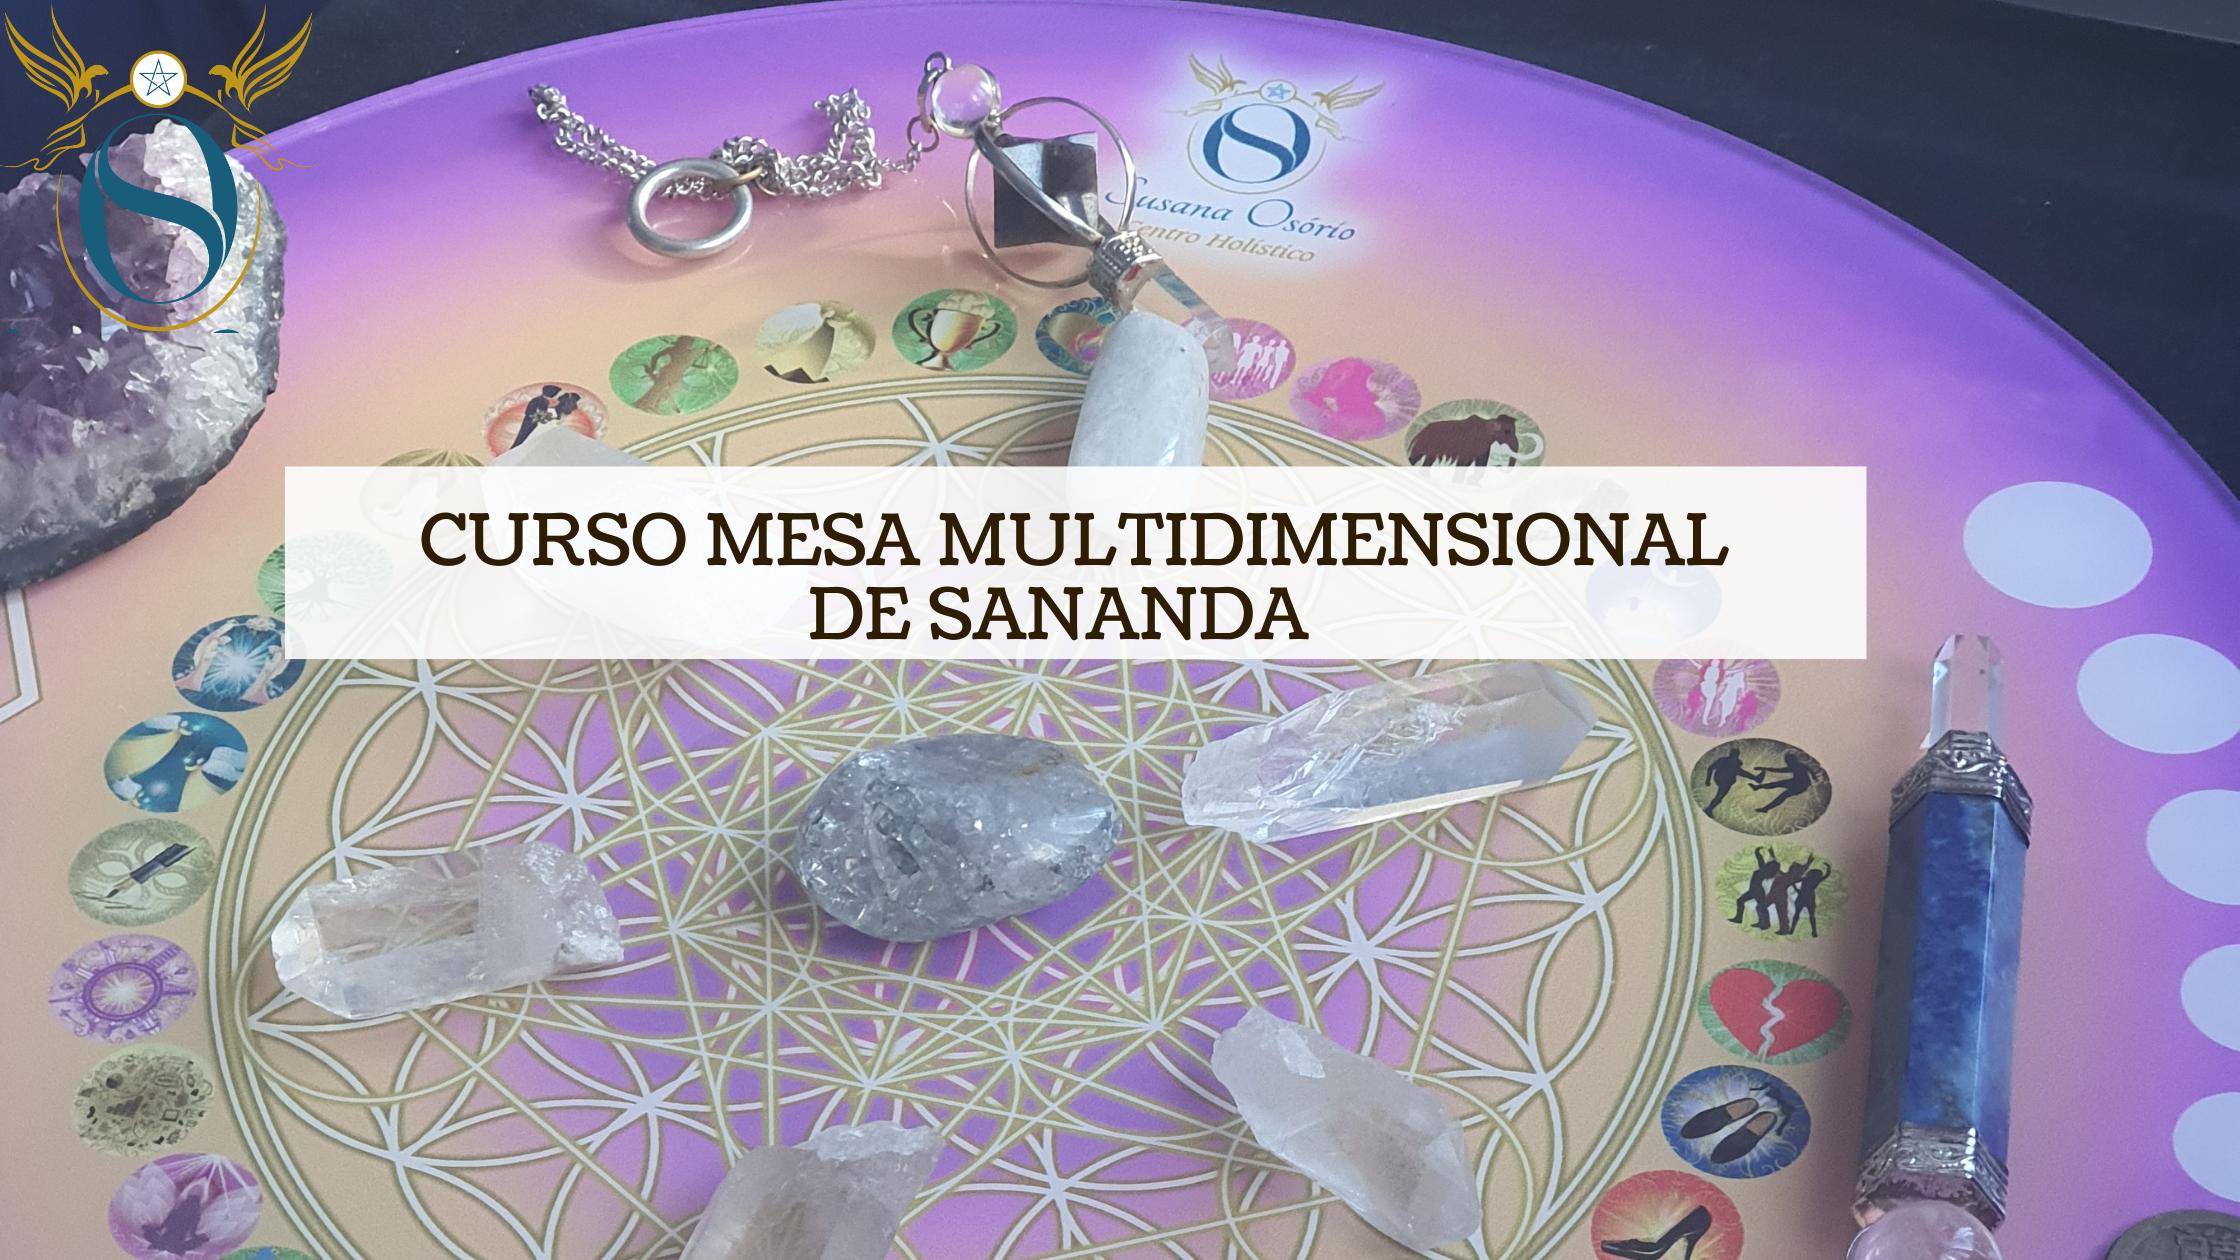 Susana Osório-Barras de Acess